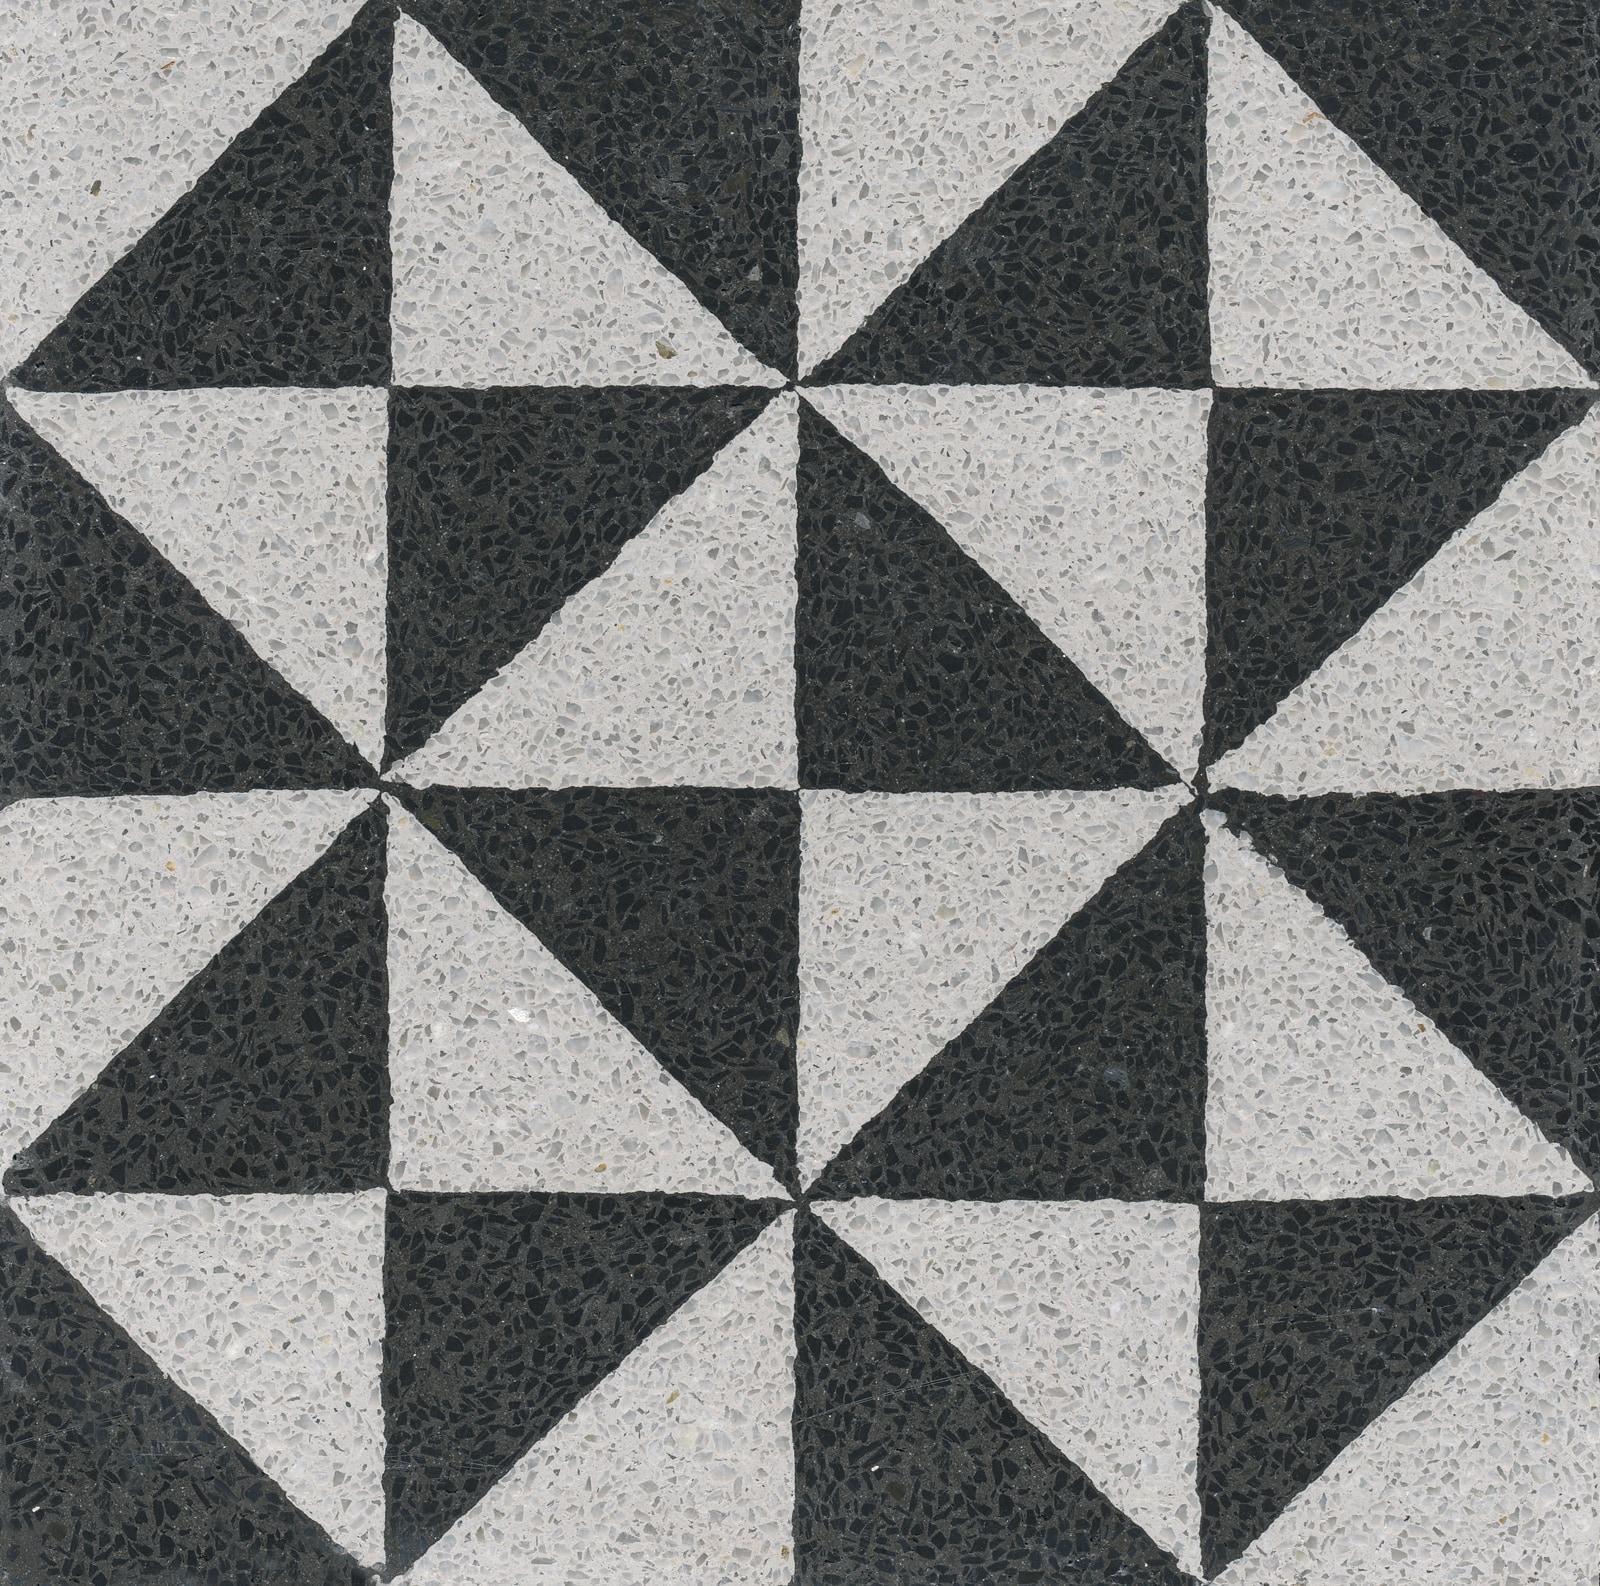 VIA Terrazzoboden Dreiecke in schwarz und weiß